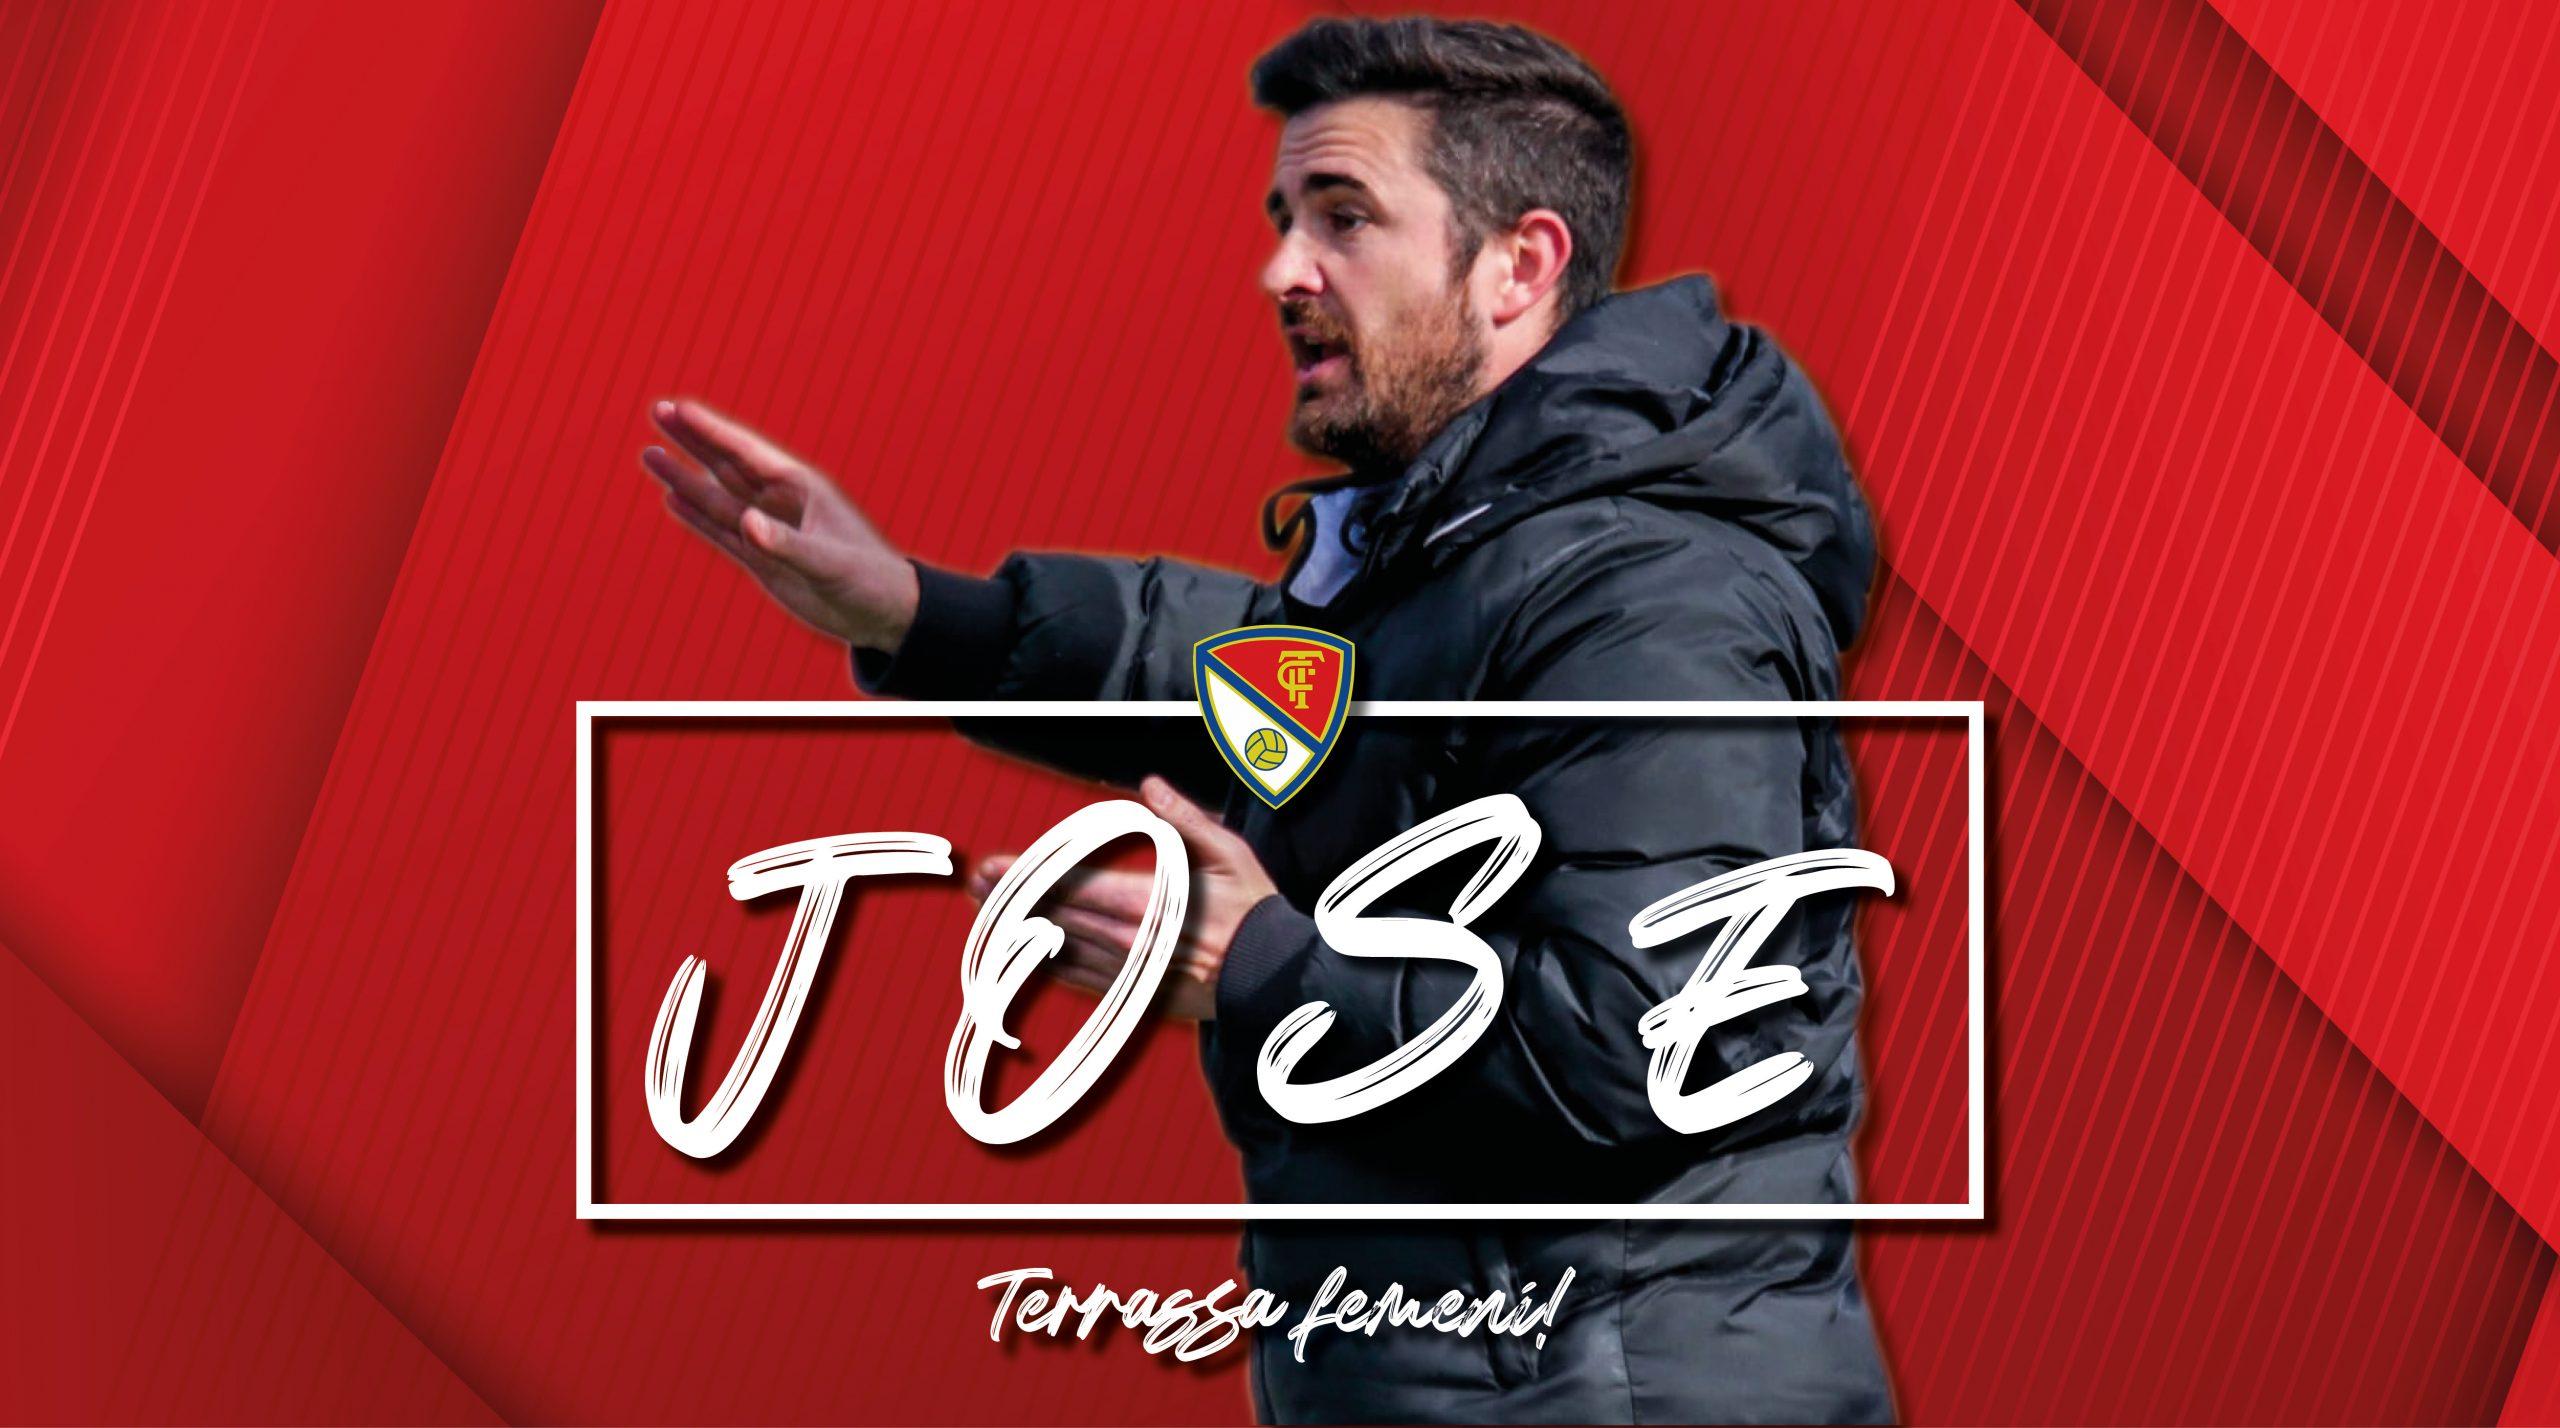 Jose Antonio Ruiz